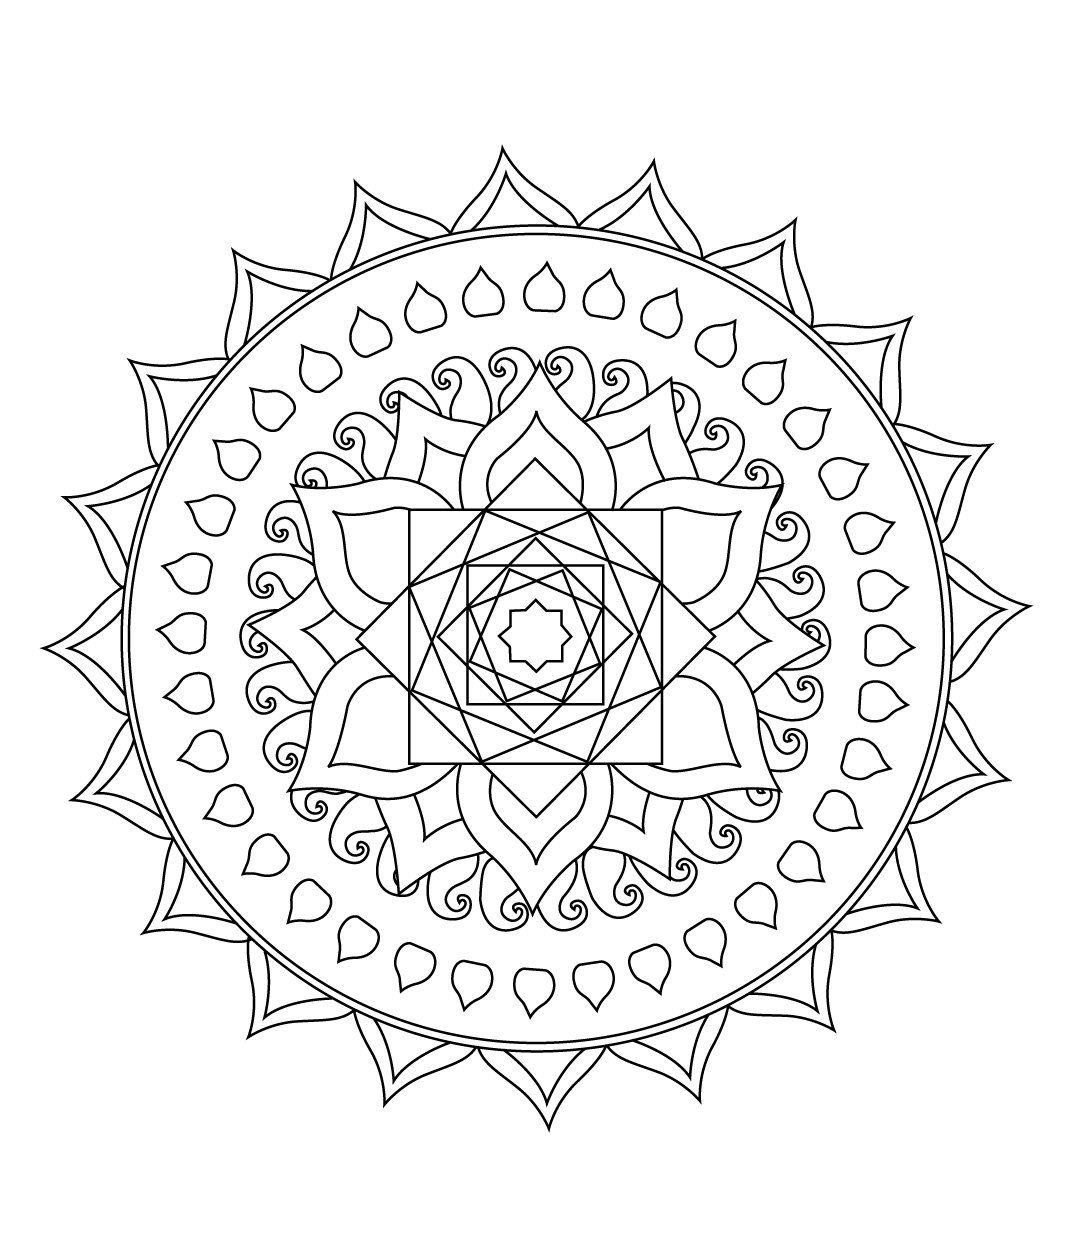 Stci, Coloriage Pour Adultes Et Enfants Mandalas avec Coloriage Mandala Adulte A Imprimer